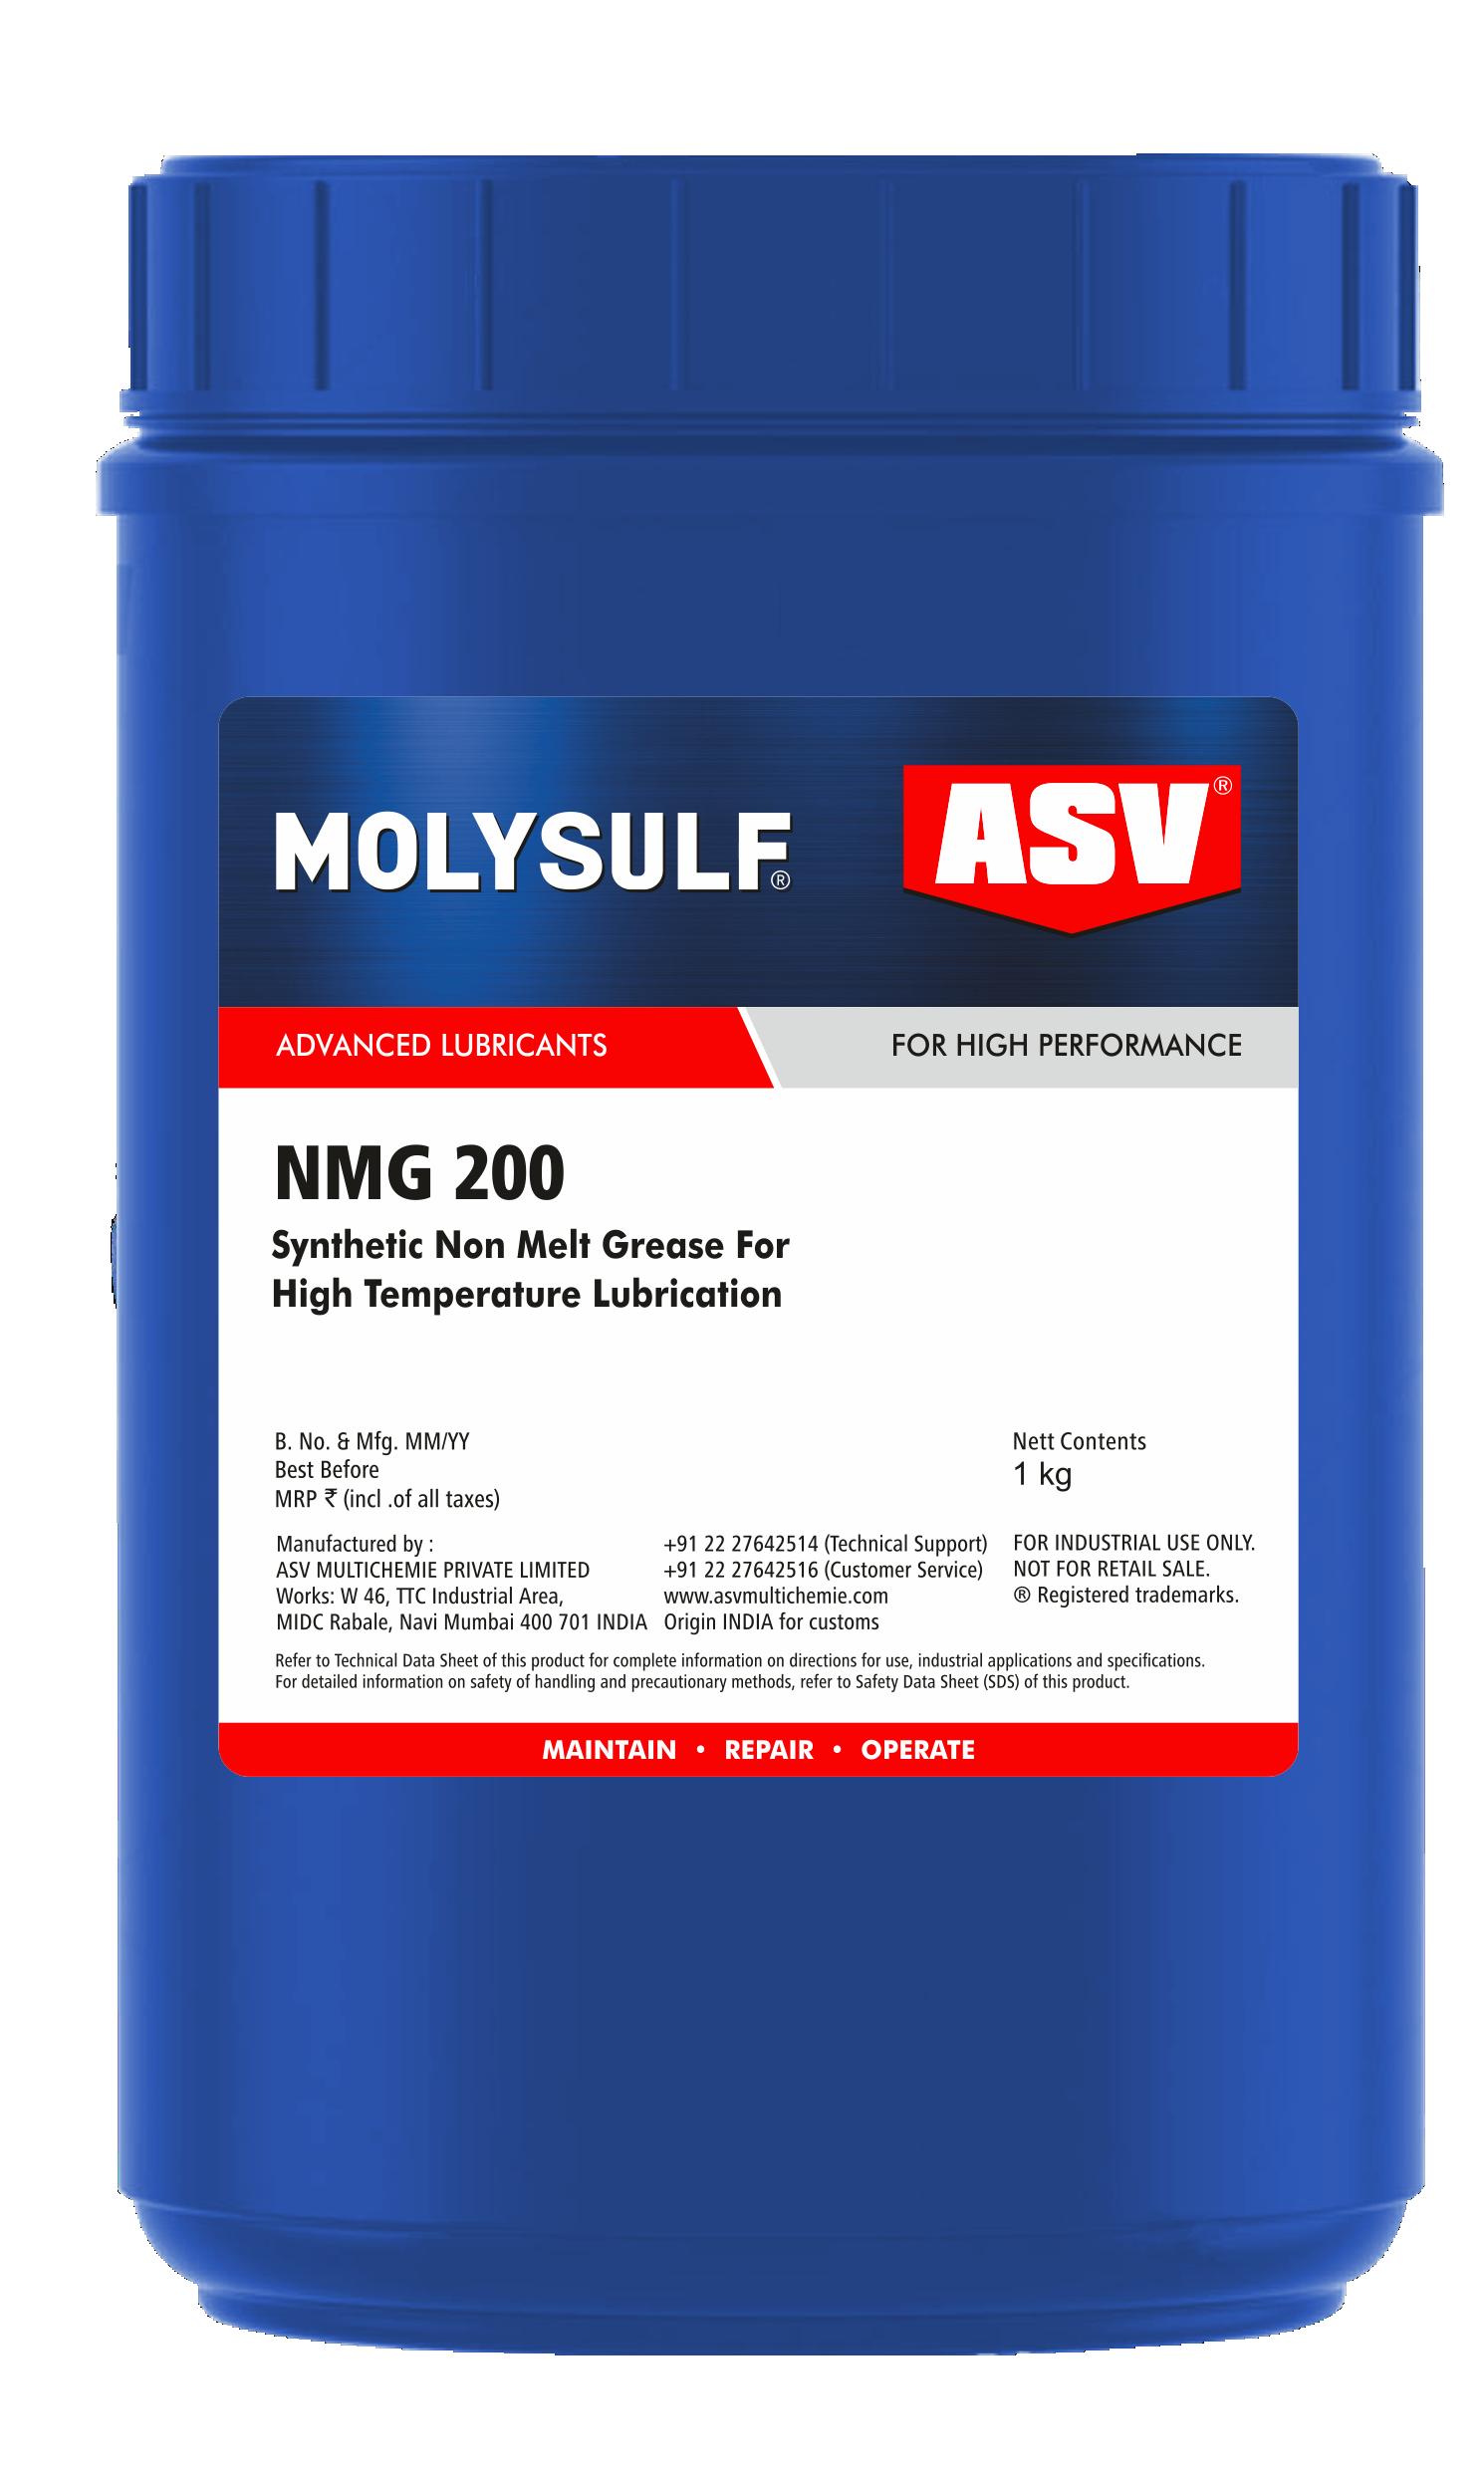 NMG 200